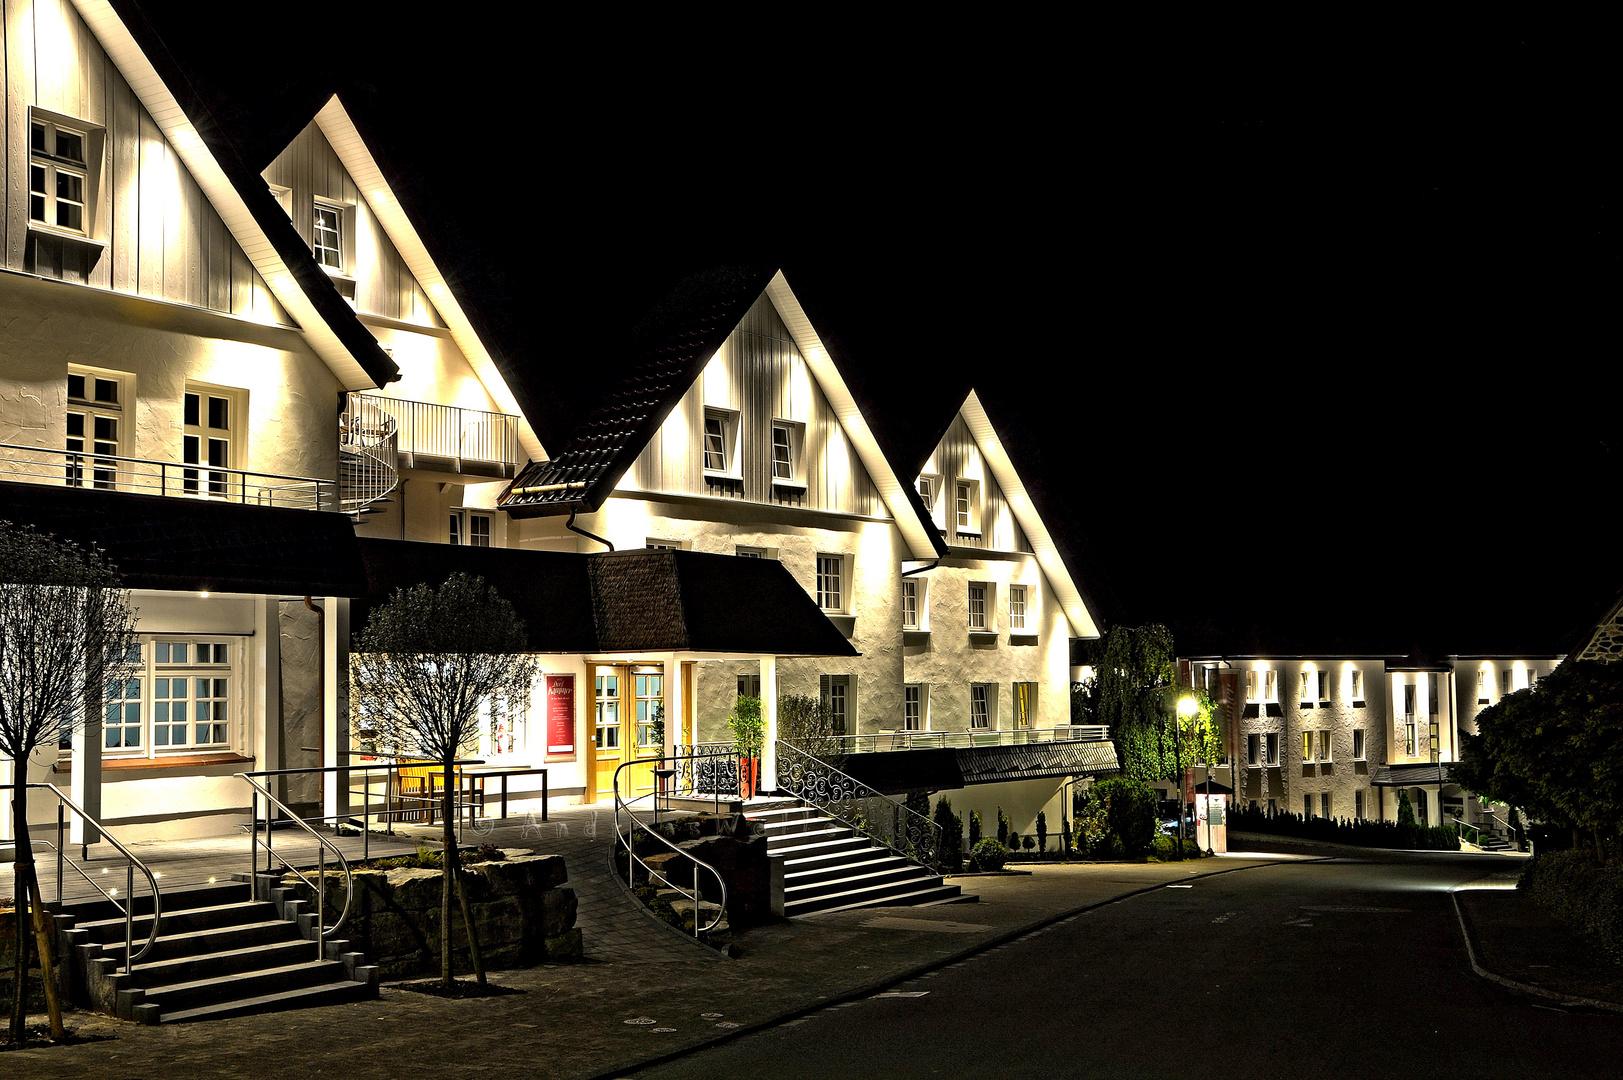 Olsberg - Hotel Dorfkammer